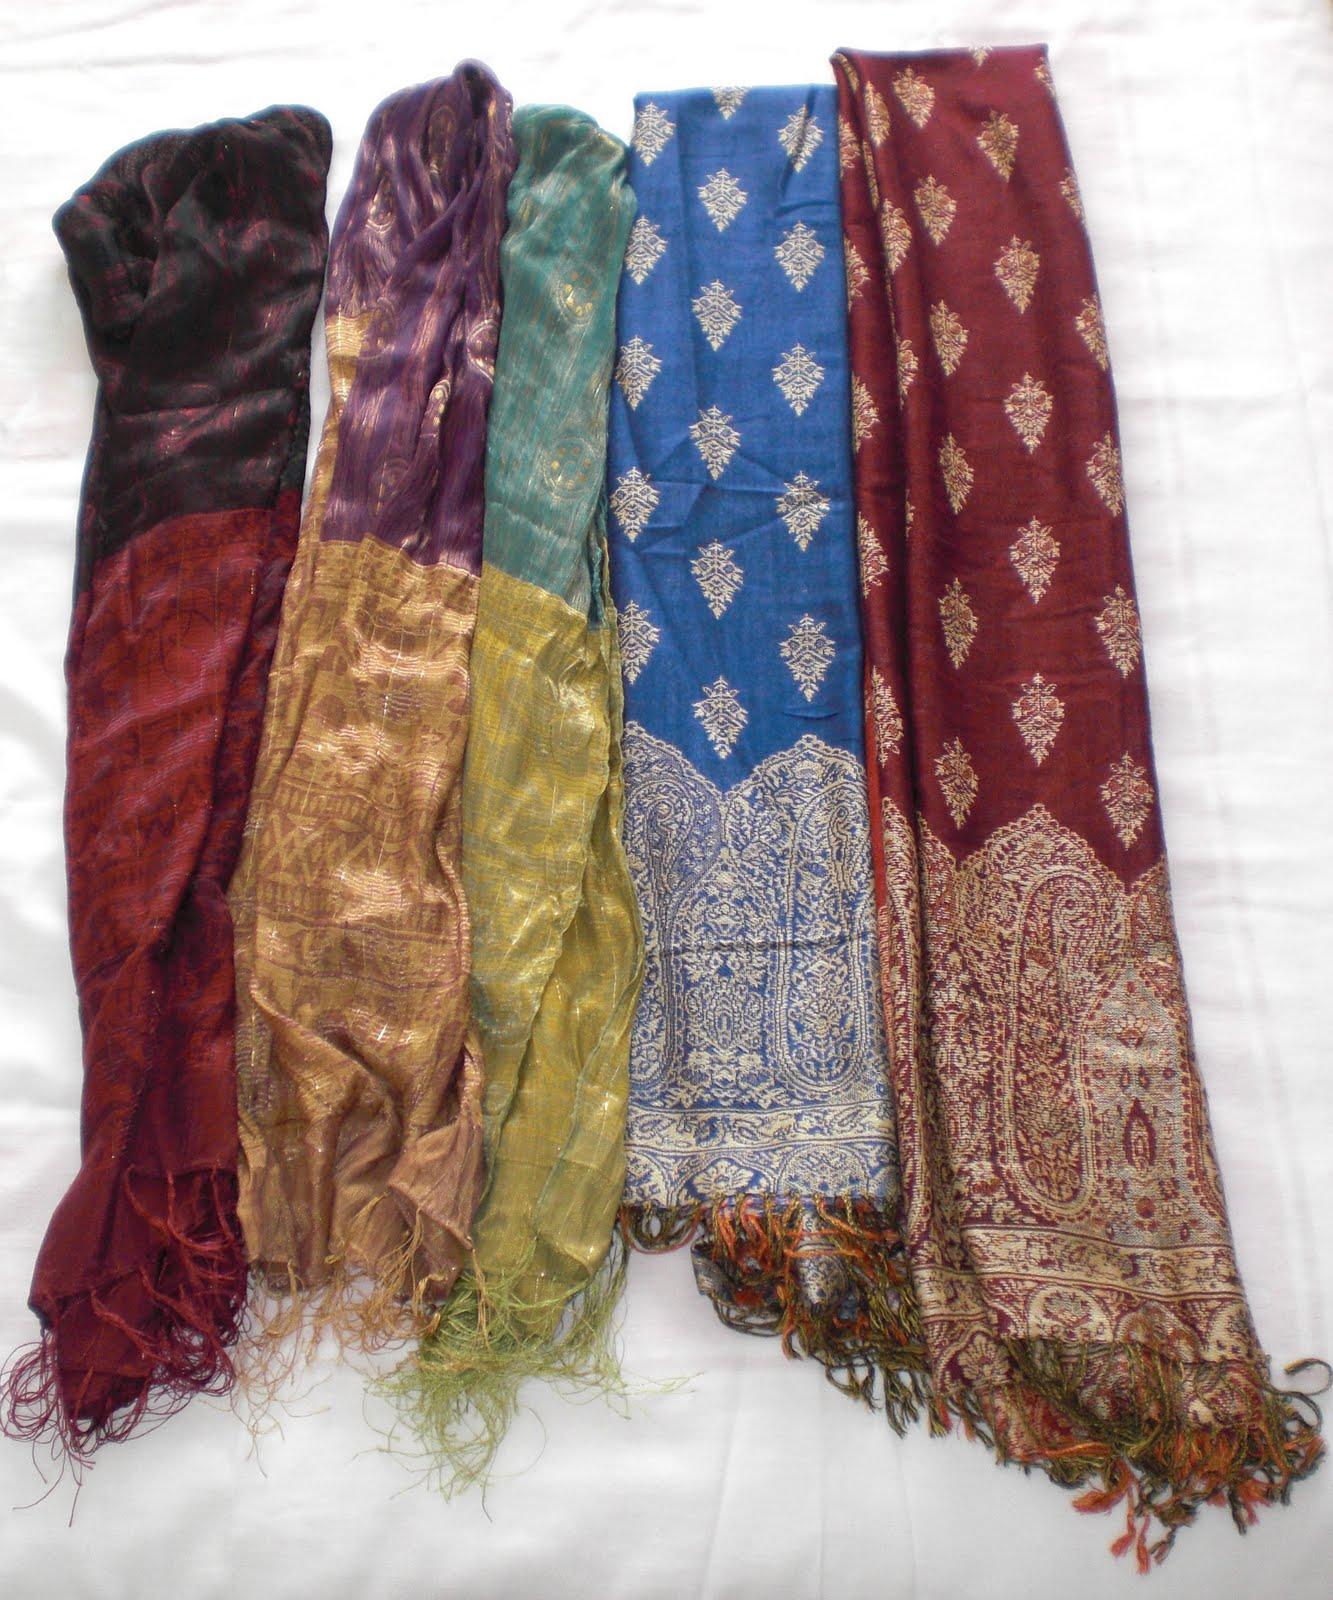 A la derecha tenemos dos pashminas y a la izquierda tres fulares. Las pashminas tienen el mismo modelo pero lo que cambia son los colores.